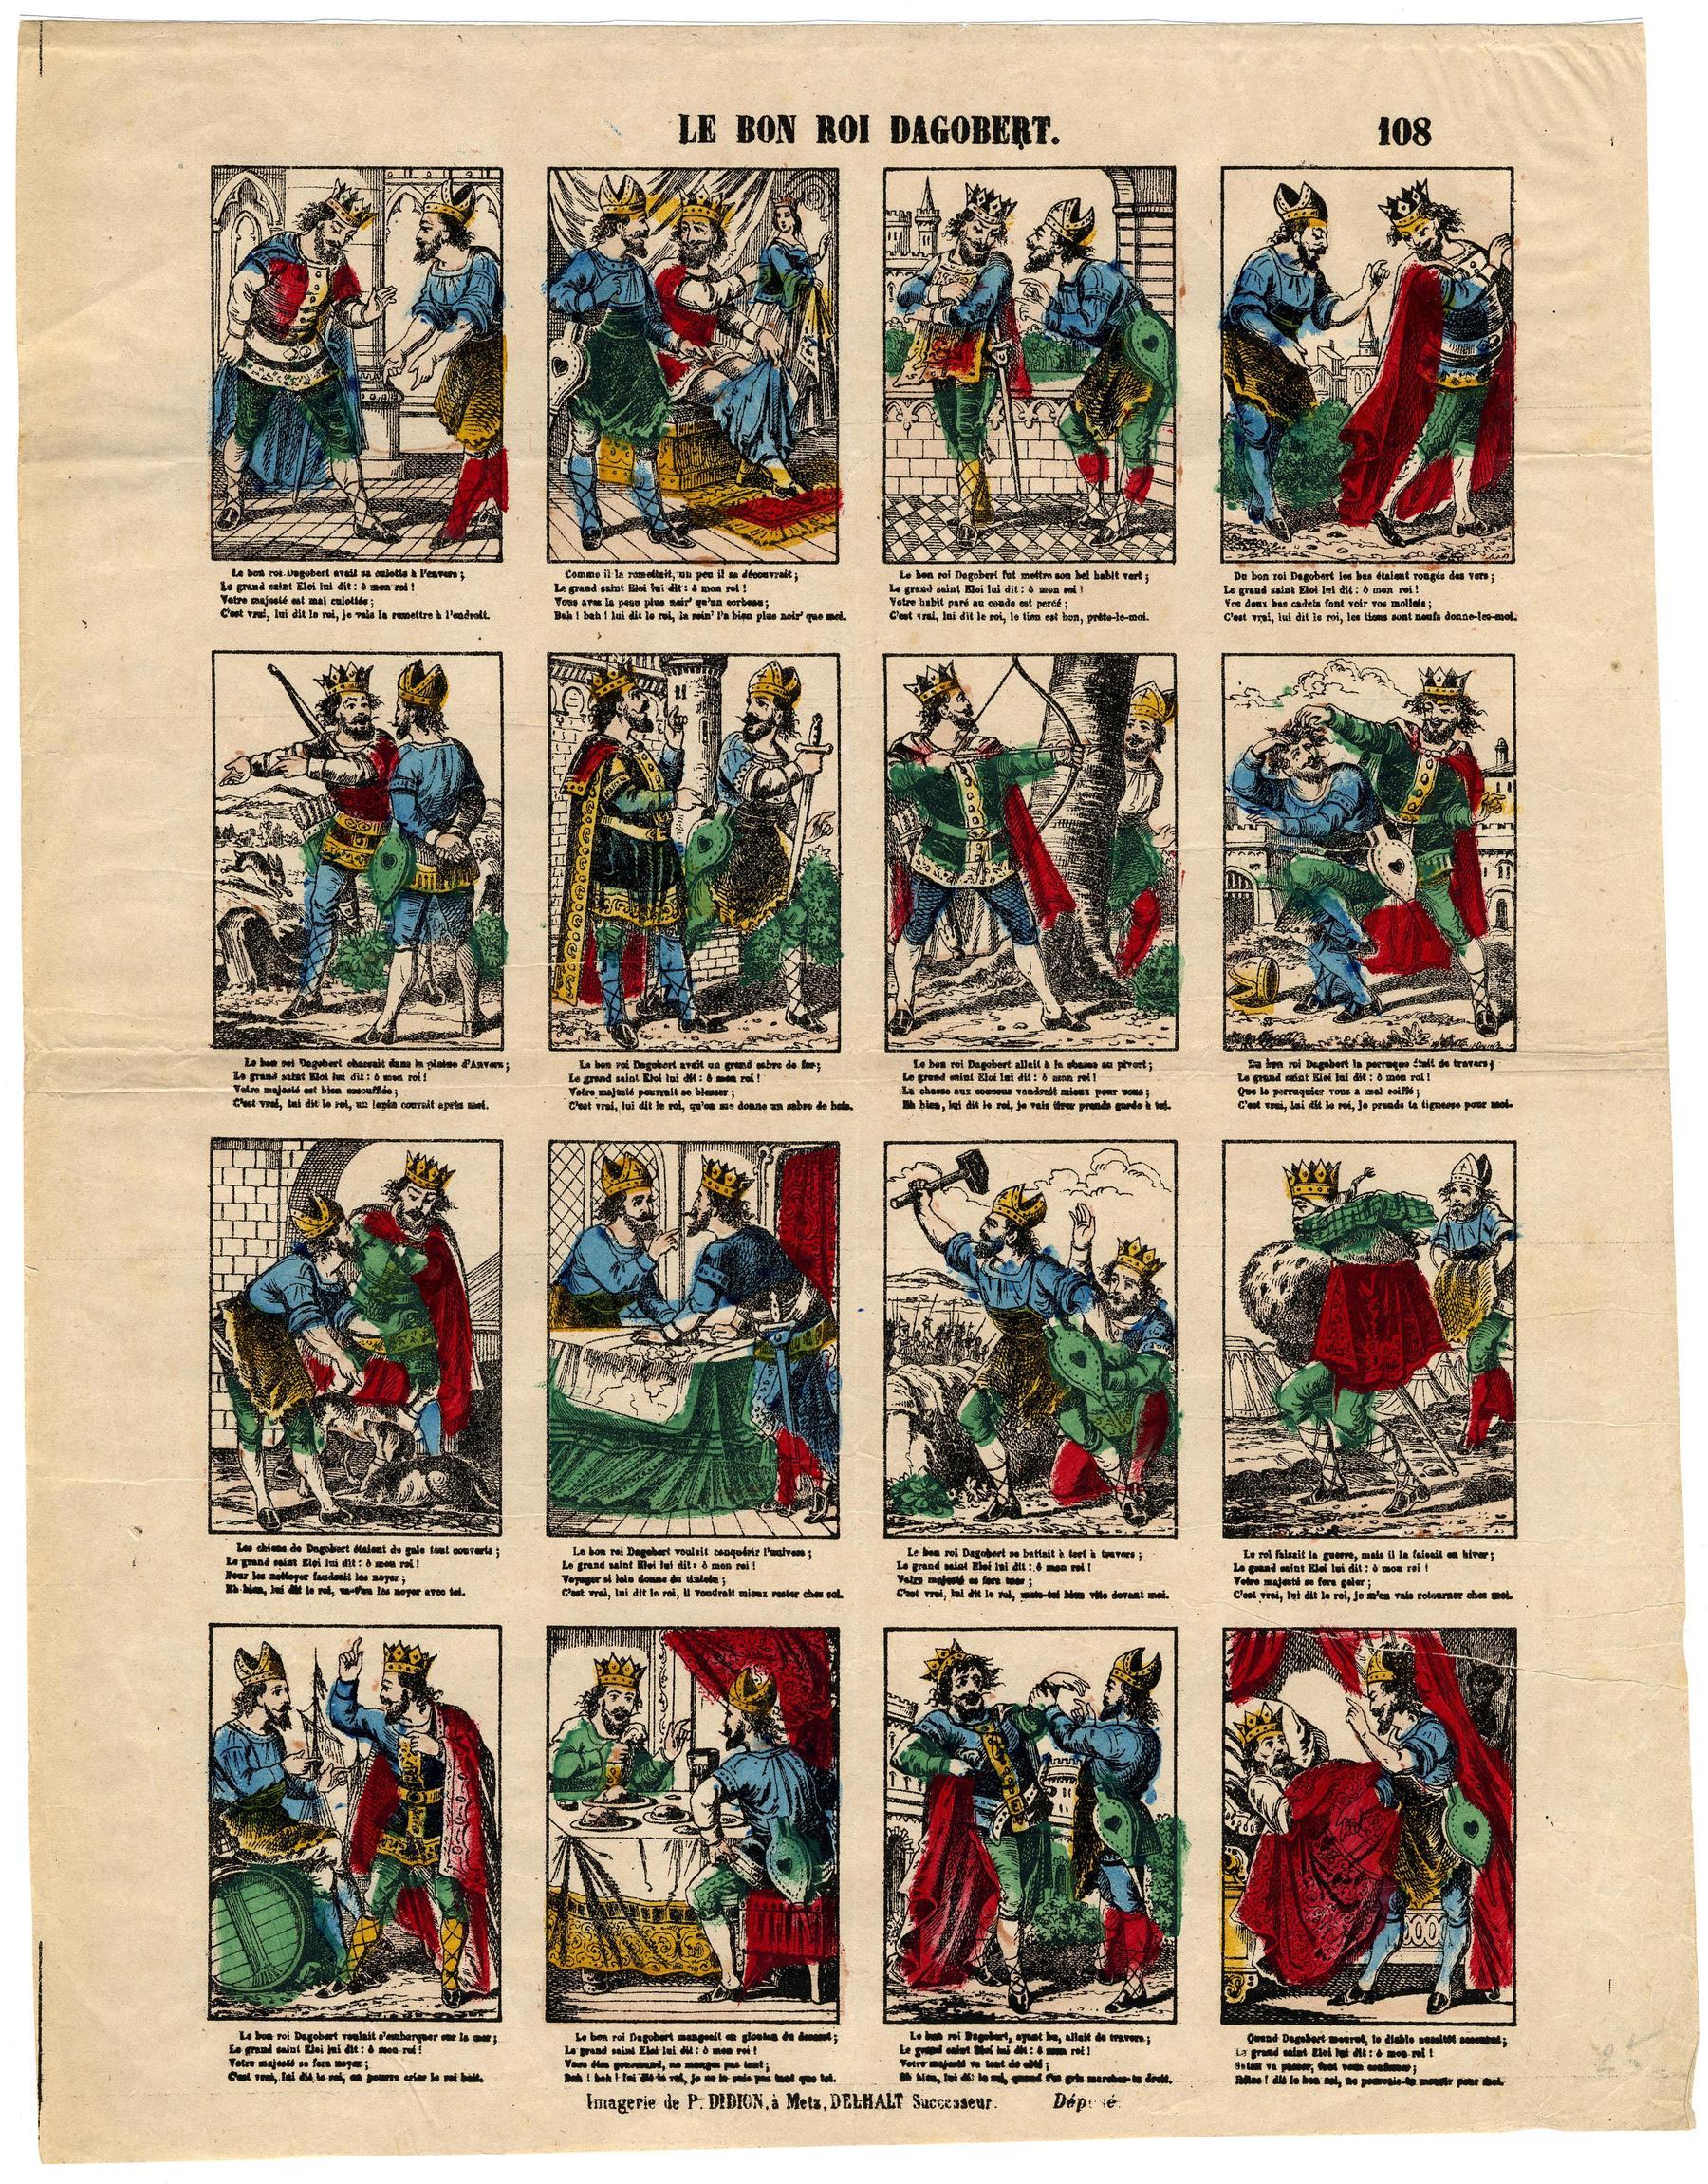 Contenu du Le Bon roi Dagobert